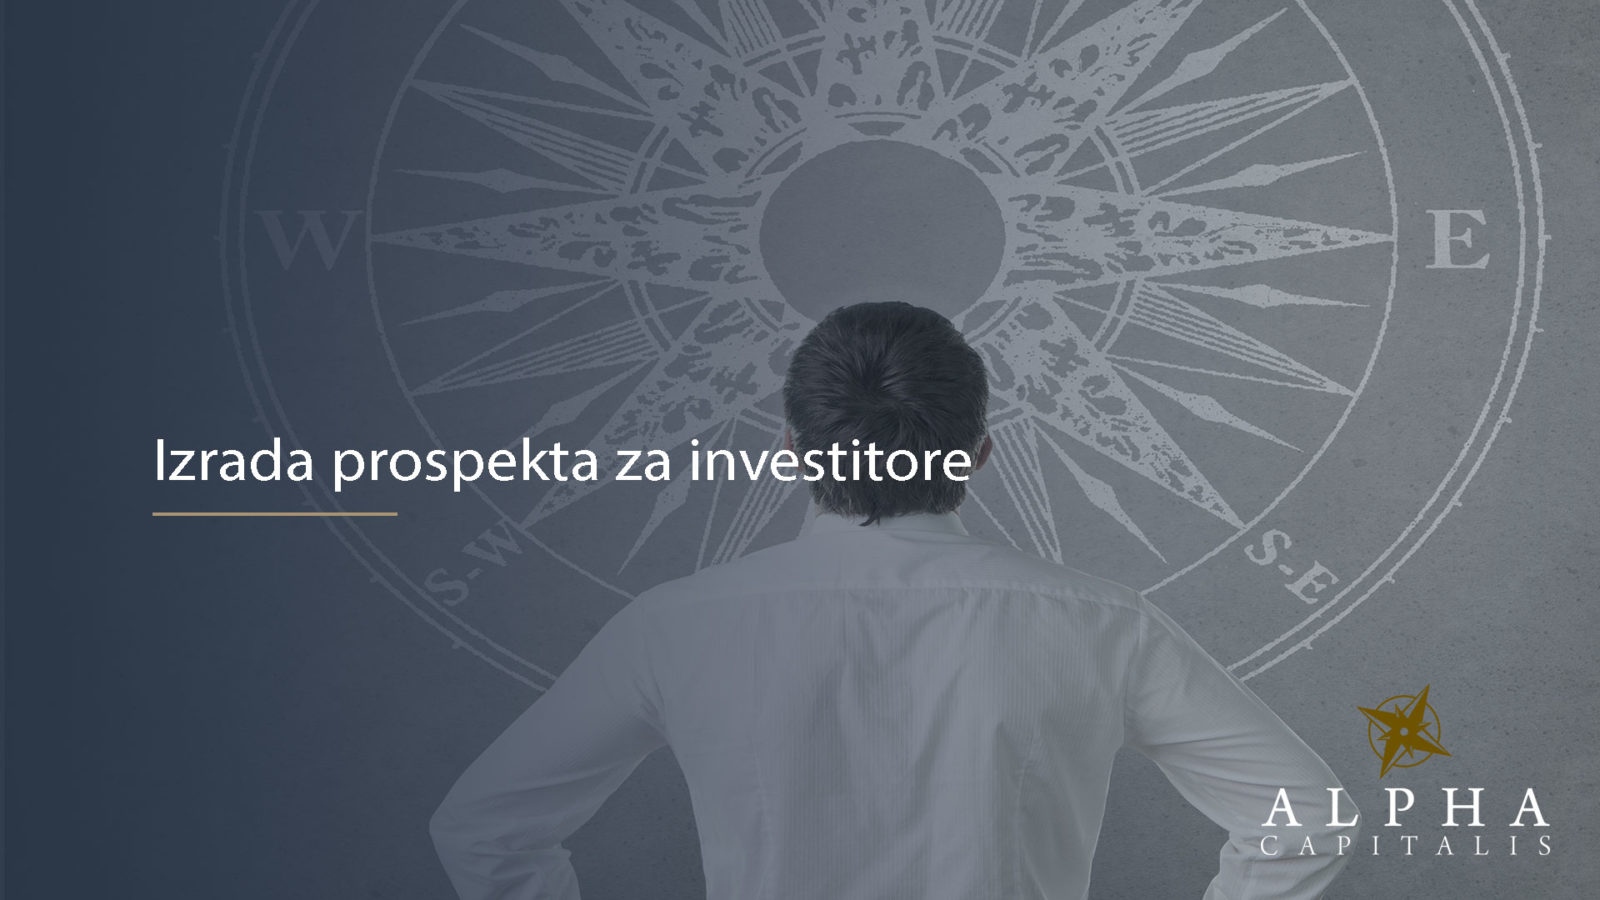 Prospekt - Kako izraditi prospekt za investitore?